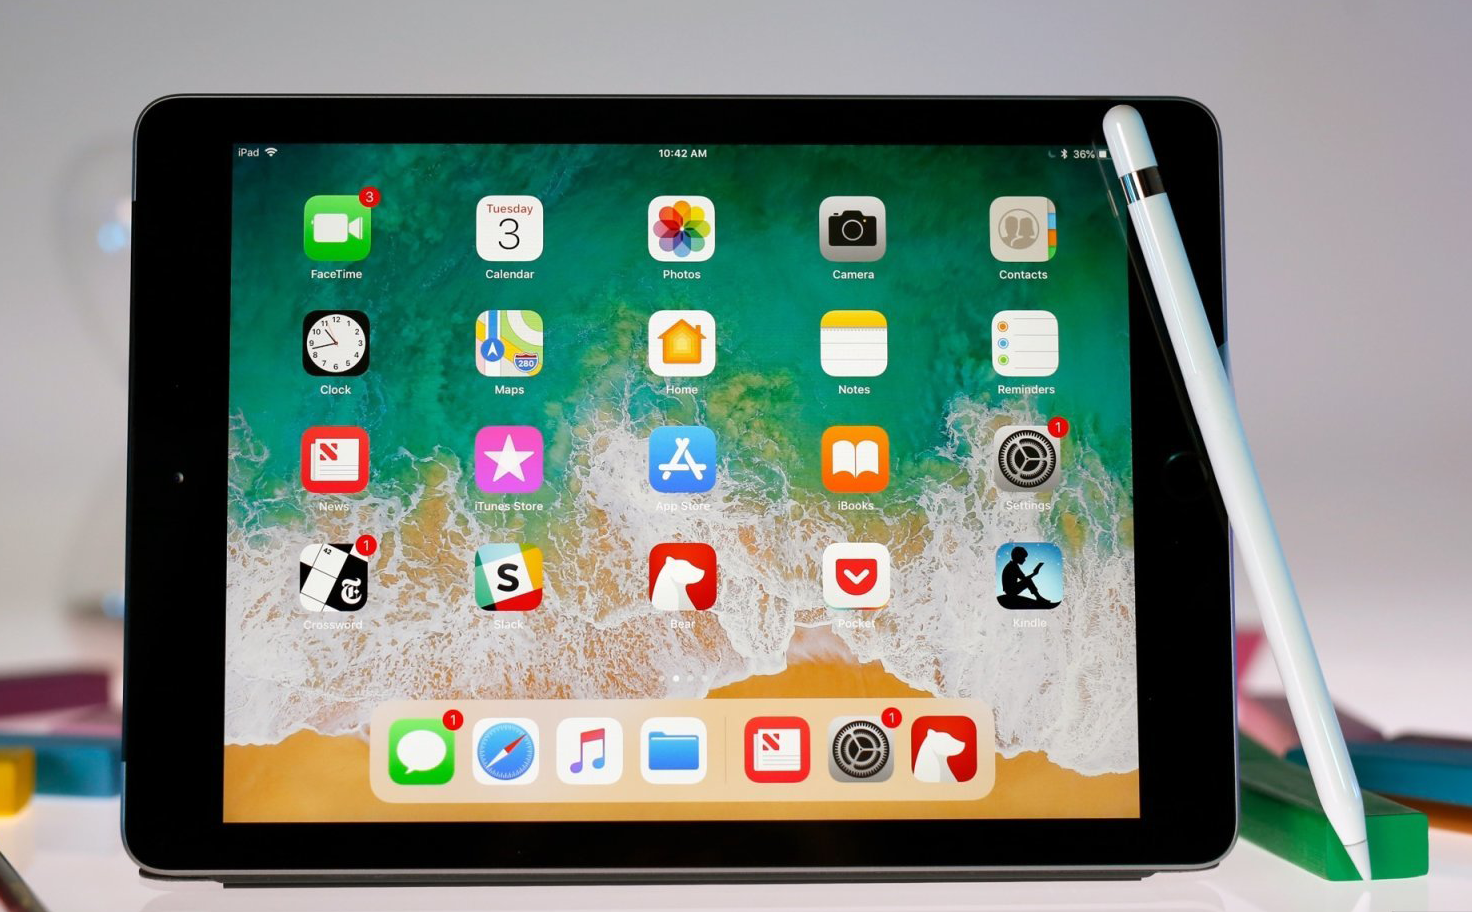 Apple filings hint at new iPads 5 - شركة آبل تخطط للكشف عن إصدارات جديدة من أجهزة آيباد في هذا الموعد